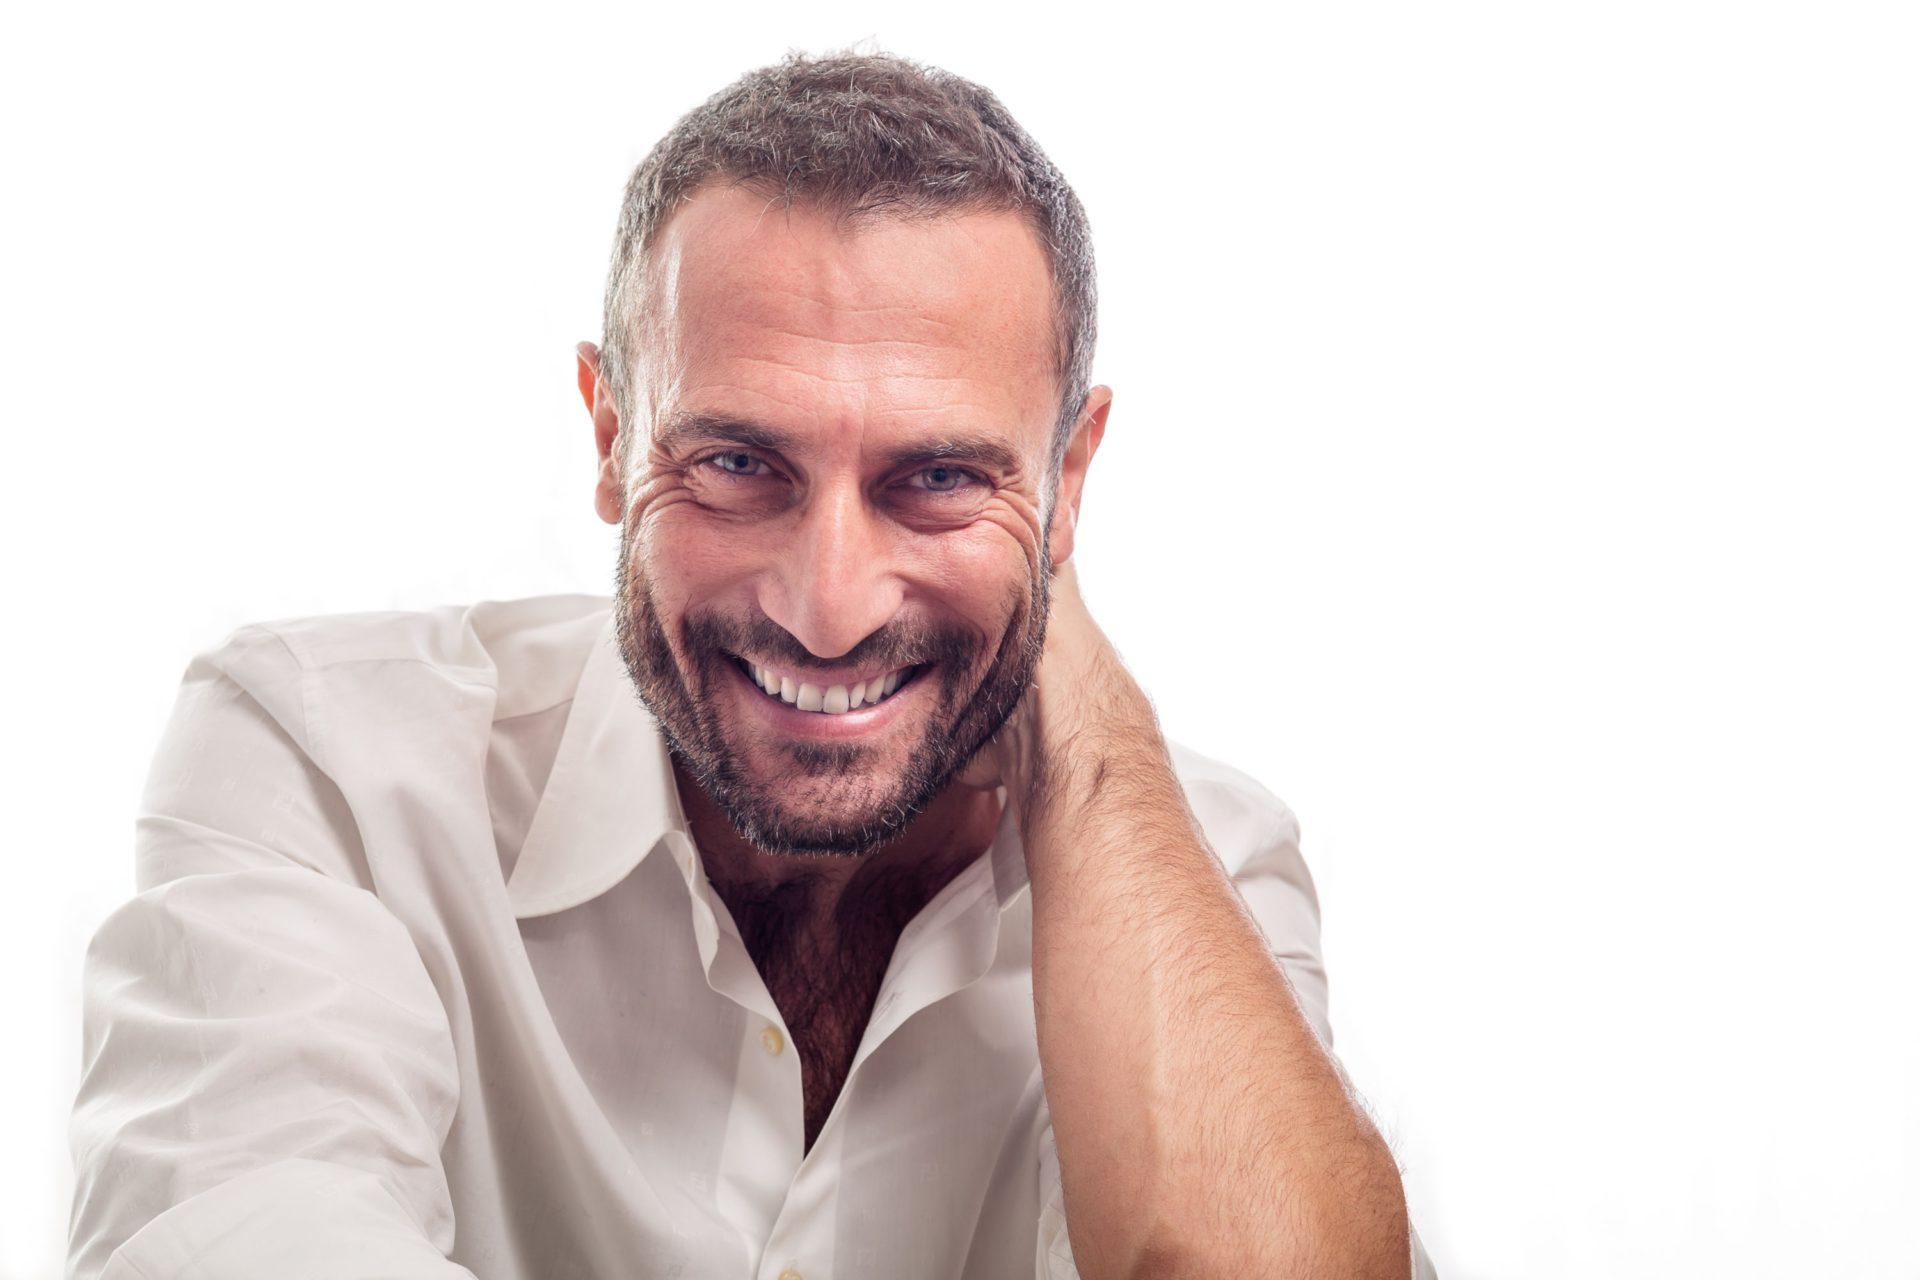 Giorgio Borghetti - portrait